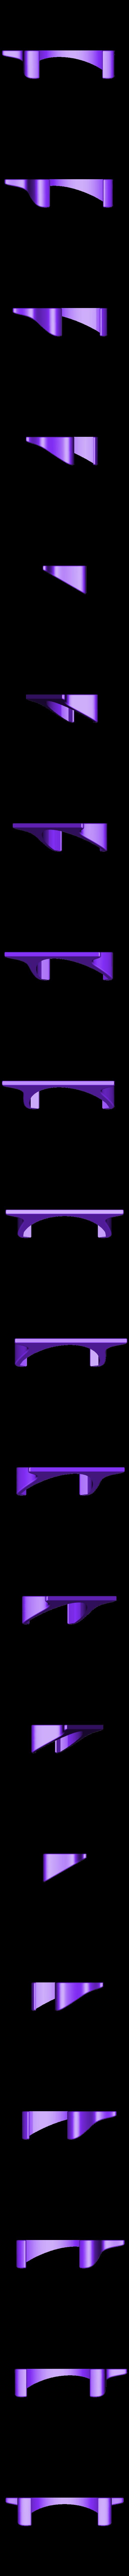 roku_remote_stand.stl Télécharger fichier STL gratuit Stabilisateur à distance Roku • Plan à imprimer en 3D, TooMuchFilament